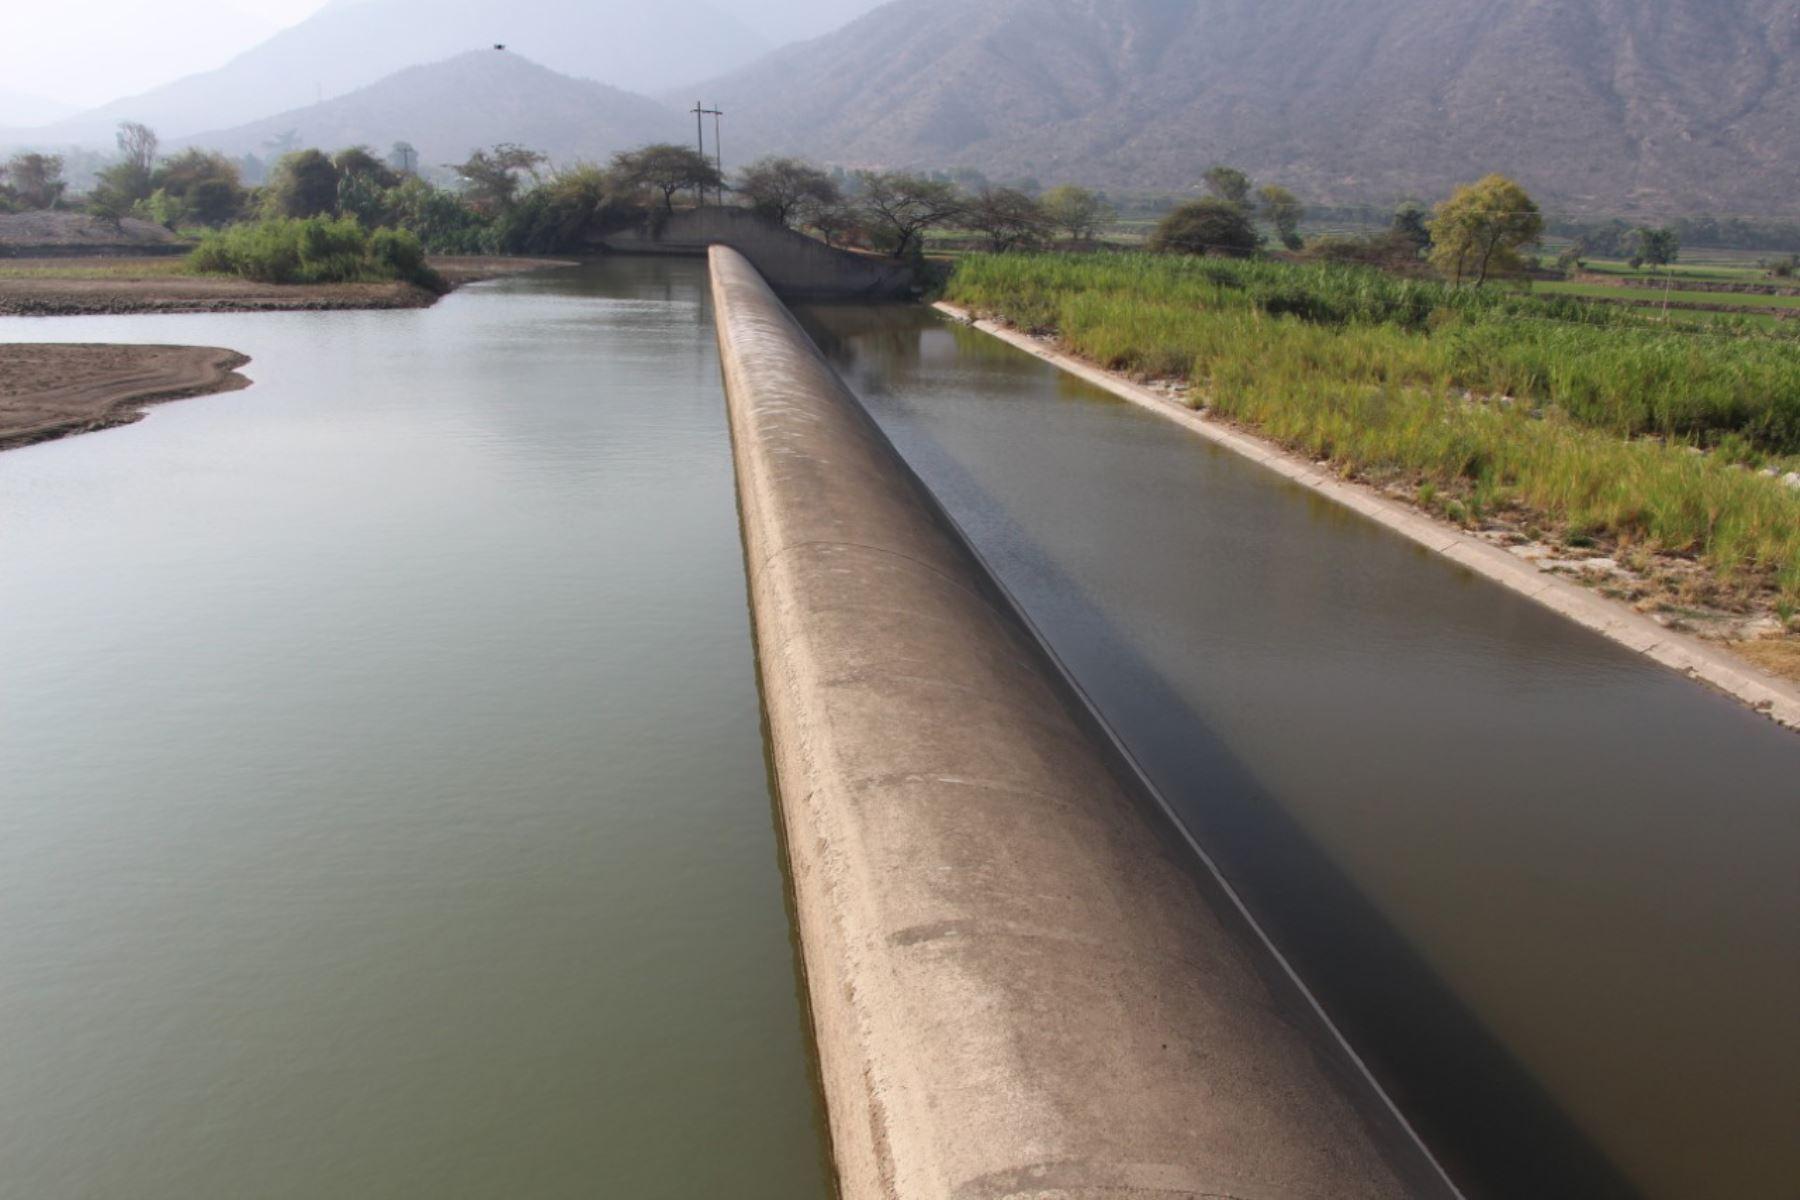 El ministro de Agricultura, Jorge Montenegro supervisa situación de bocatoma Raca Rumi, captación principal del sistema Tinajones en el río Chancay-Lambayeque, a fin de elaborar el plan de acción por posible déficit hídrico que podría presentarse en el 2021. Foto: Minagri